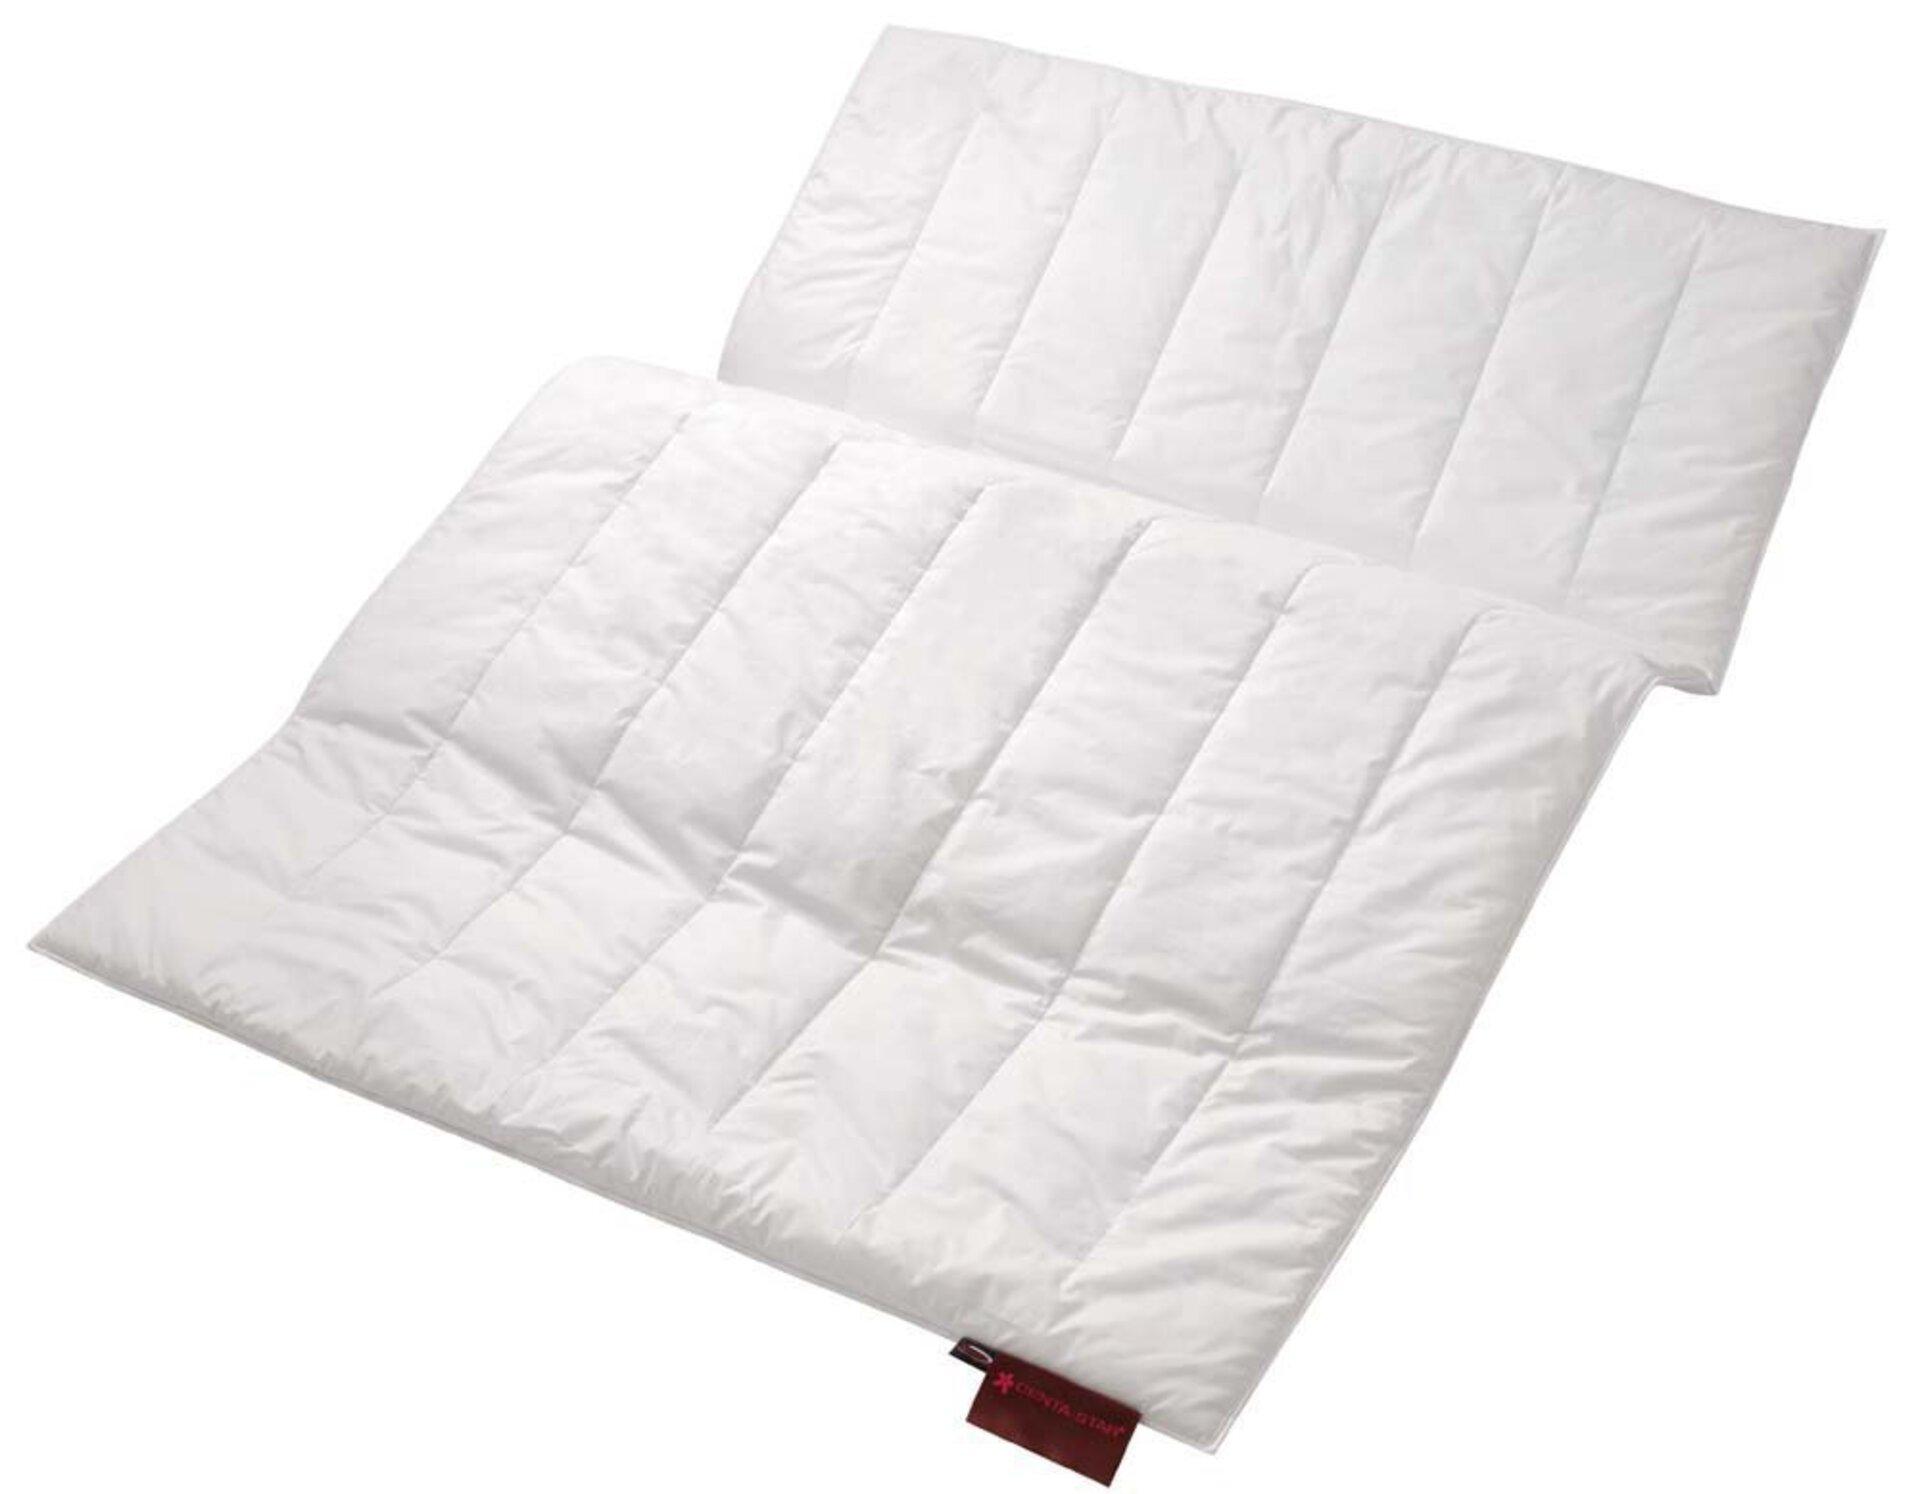 Lightdecke ROYAL Leicht-Bett Centa-Star Textil weiß 135 x 200 cm